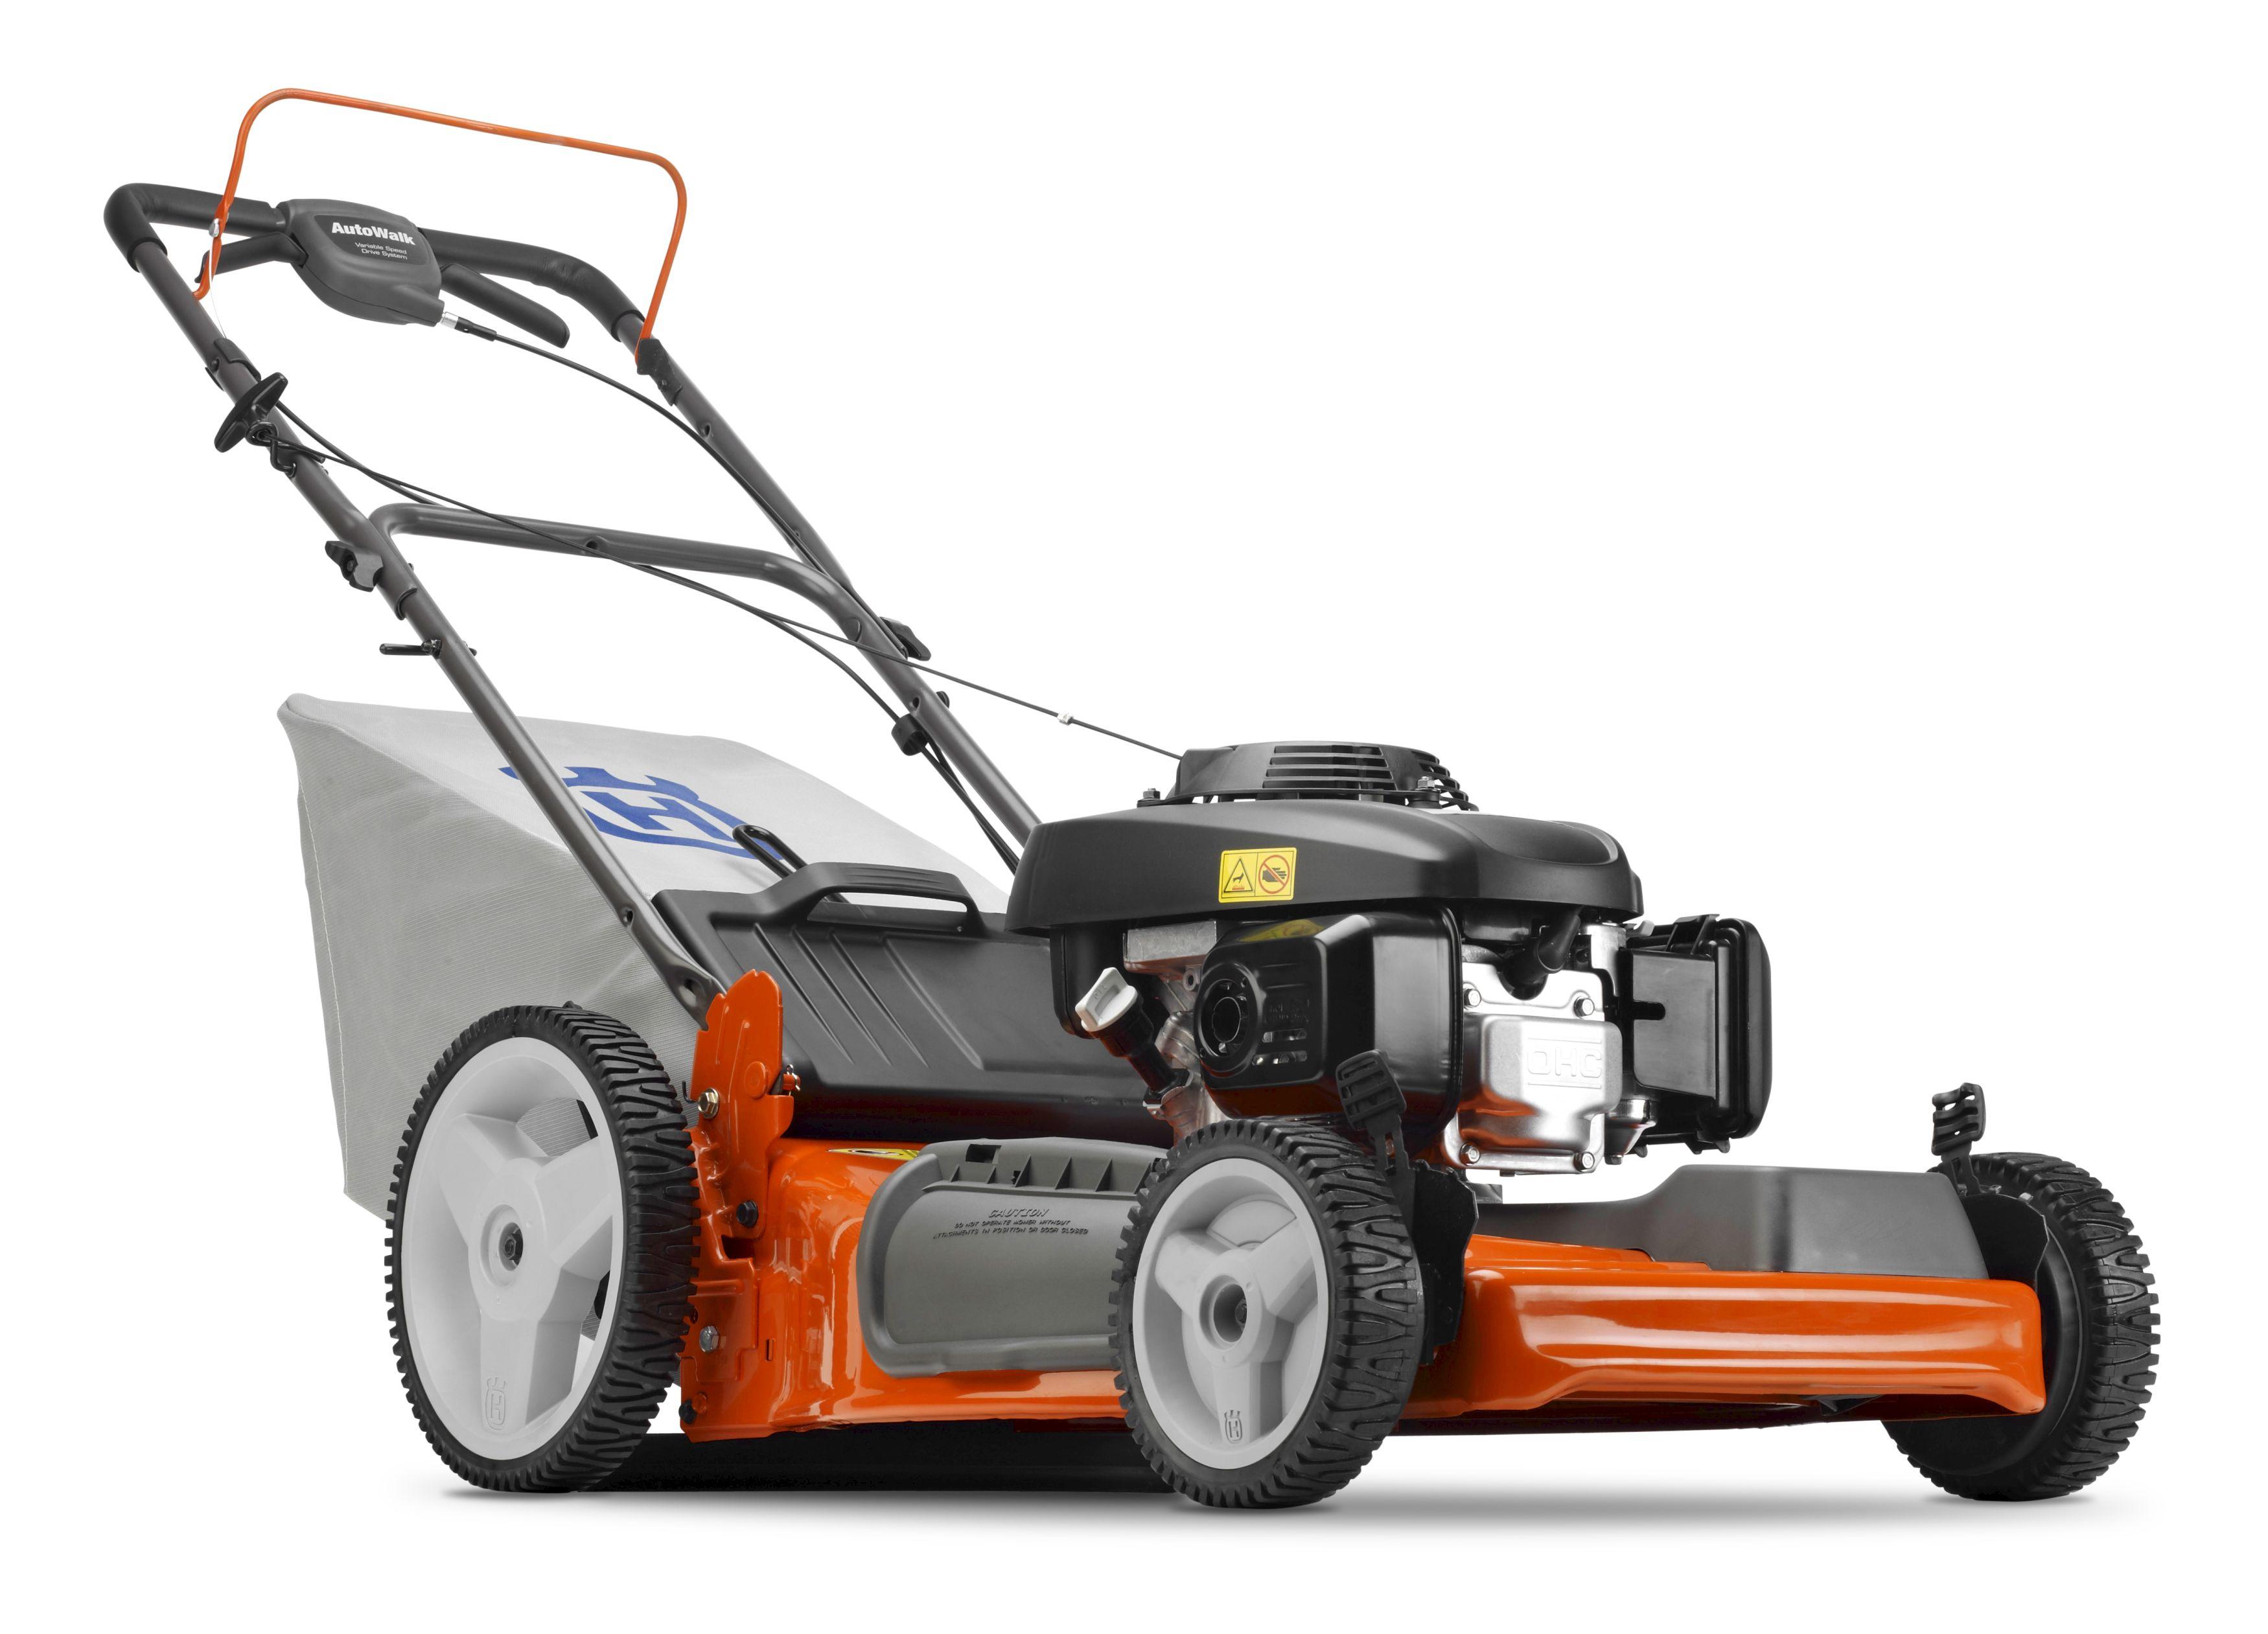 Husqvarna Lawn Mower Parts >> Husqvarna Lawn Mower Model Hu700f 2014 02 Parts Repair